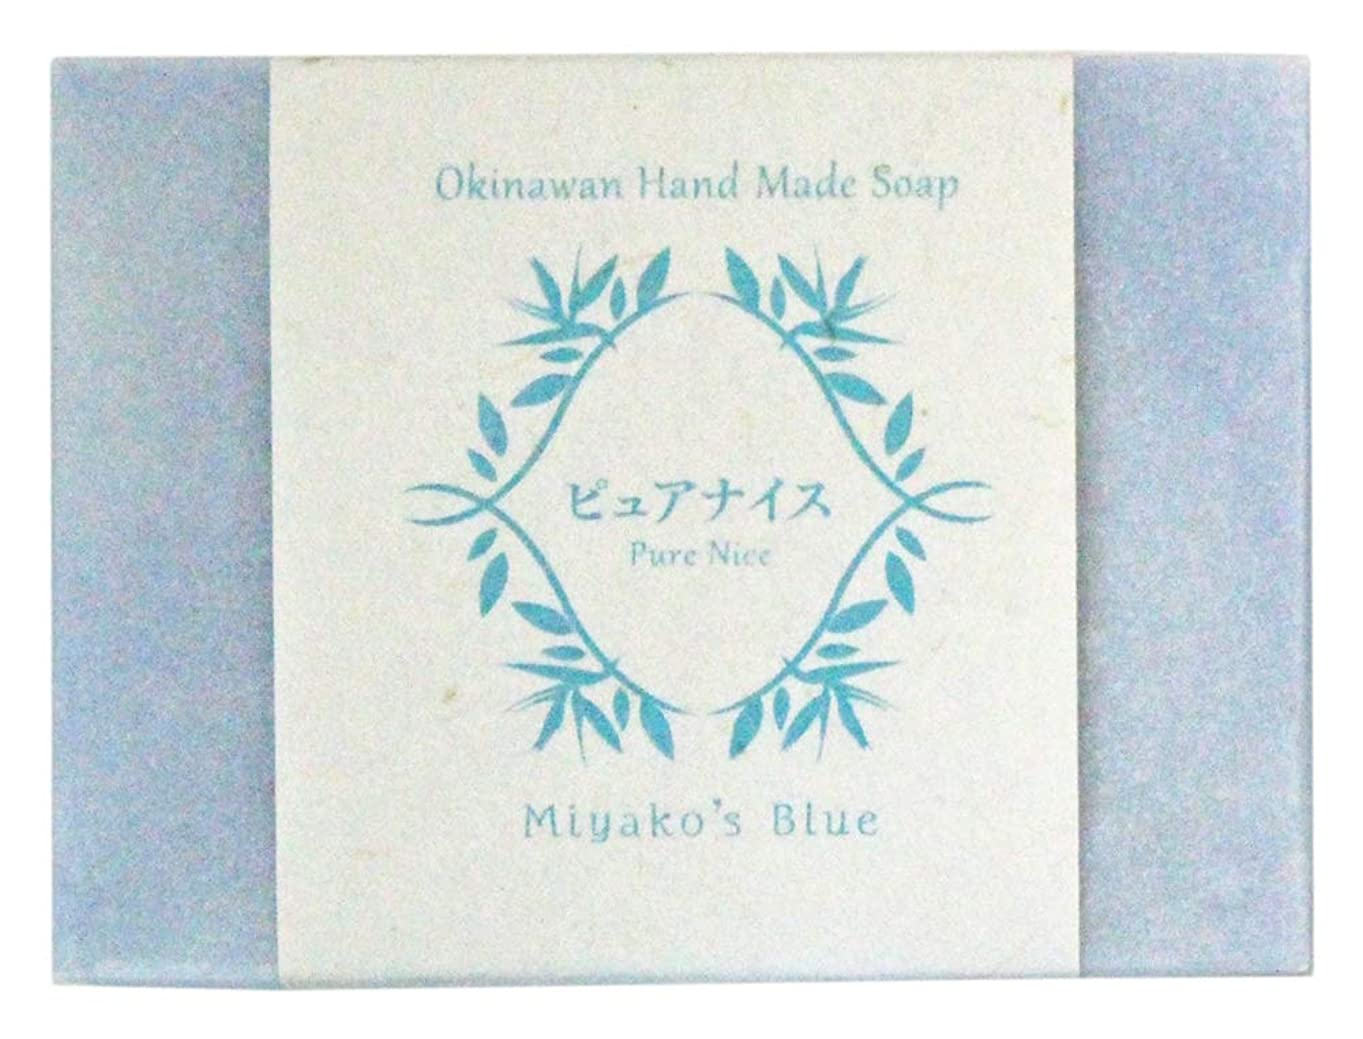 セマフォ引き付ける学習者ピュアナイス おきなわ素材石けん Miyako's Blue 100g 3個セット